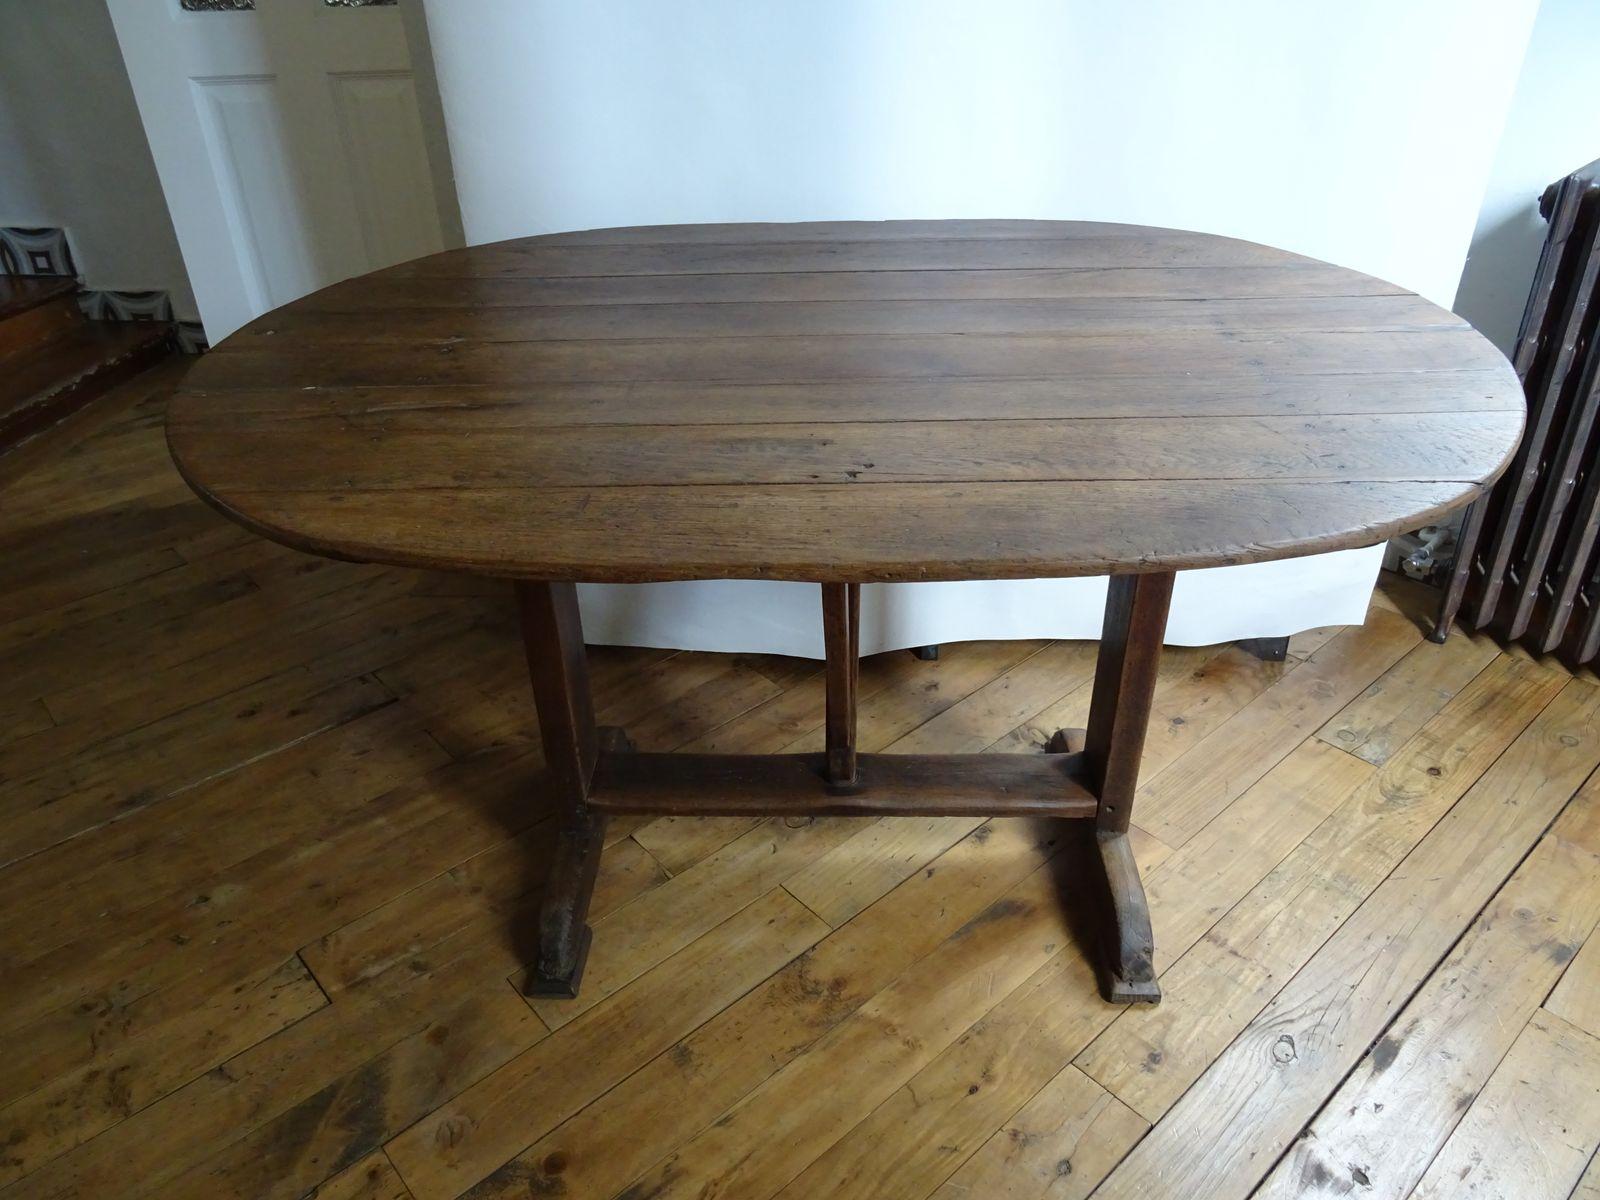 Tavolo in legno massiccio, Francia in vendita su Pamono